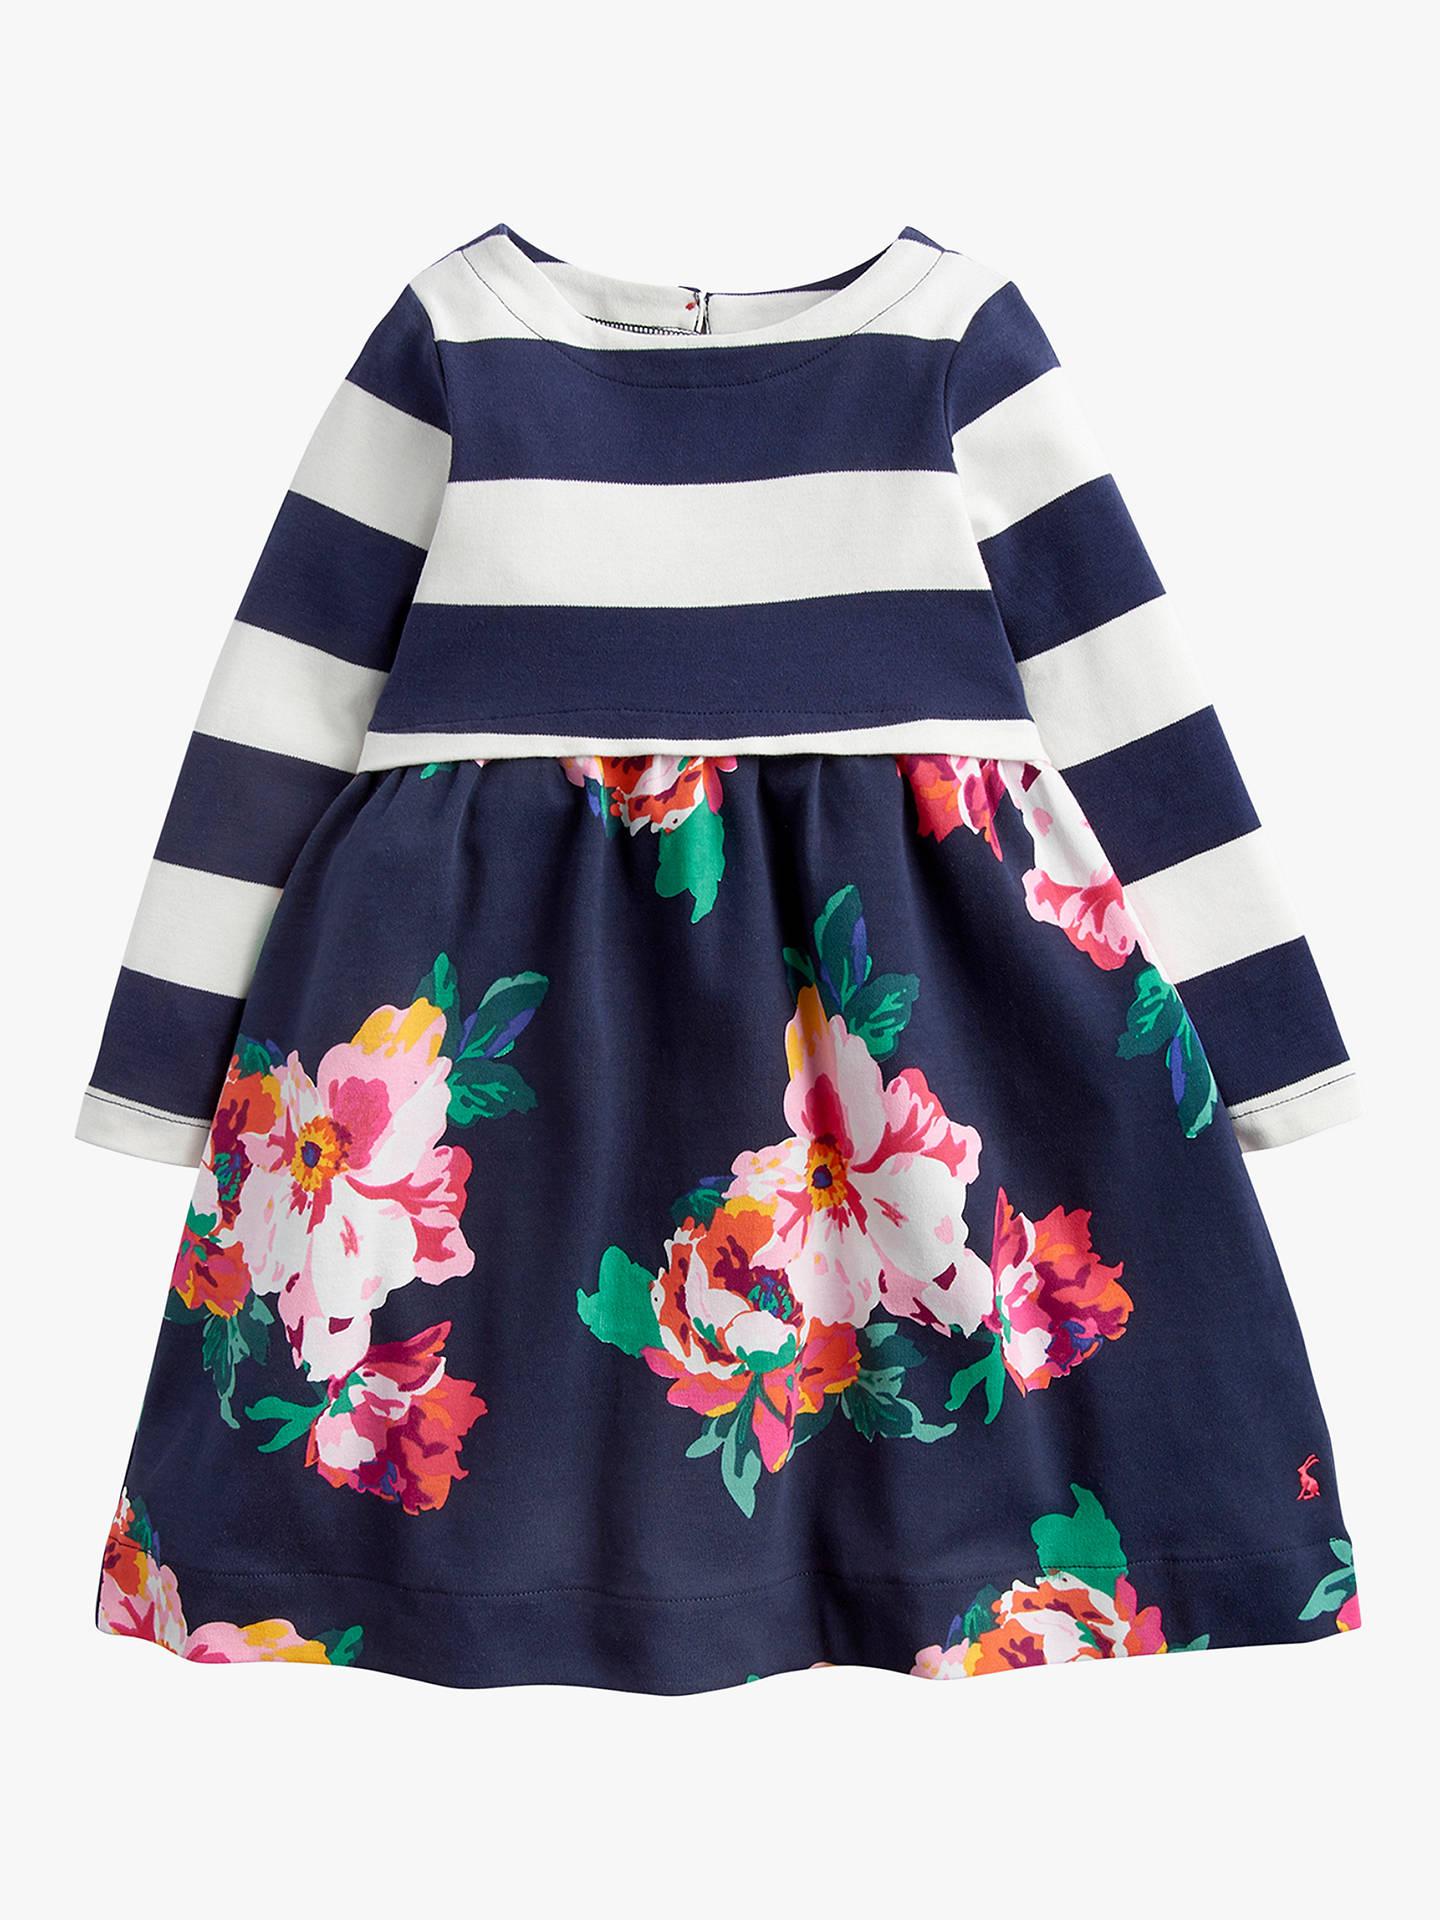 169fada90f02 Buy Little Joule Girls' Layla Stripe Floral Print Dress, Navy, 24 months  Online ...